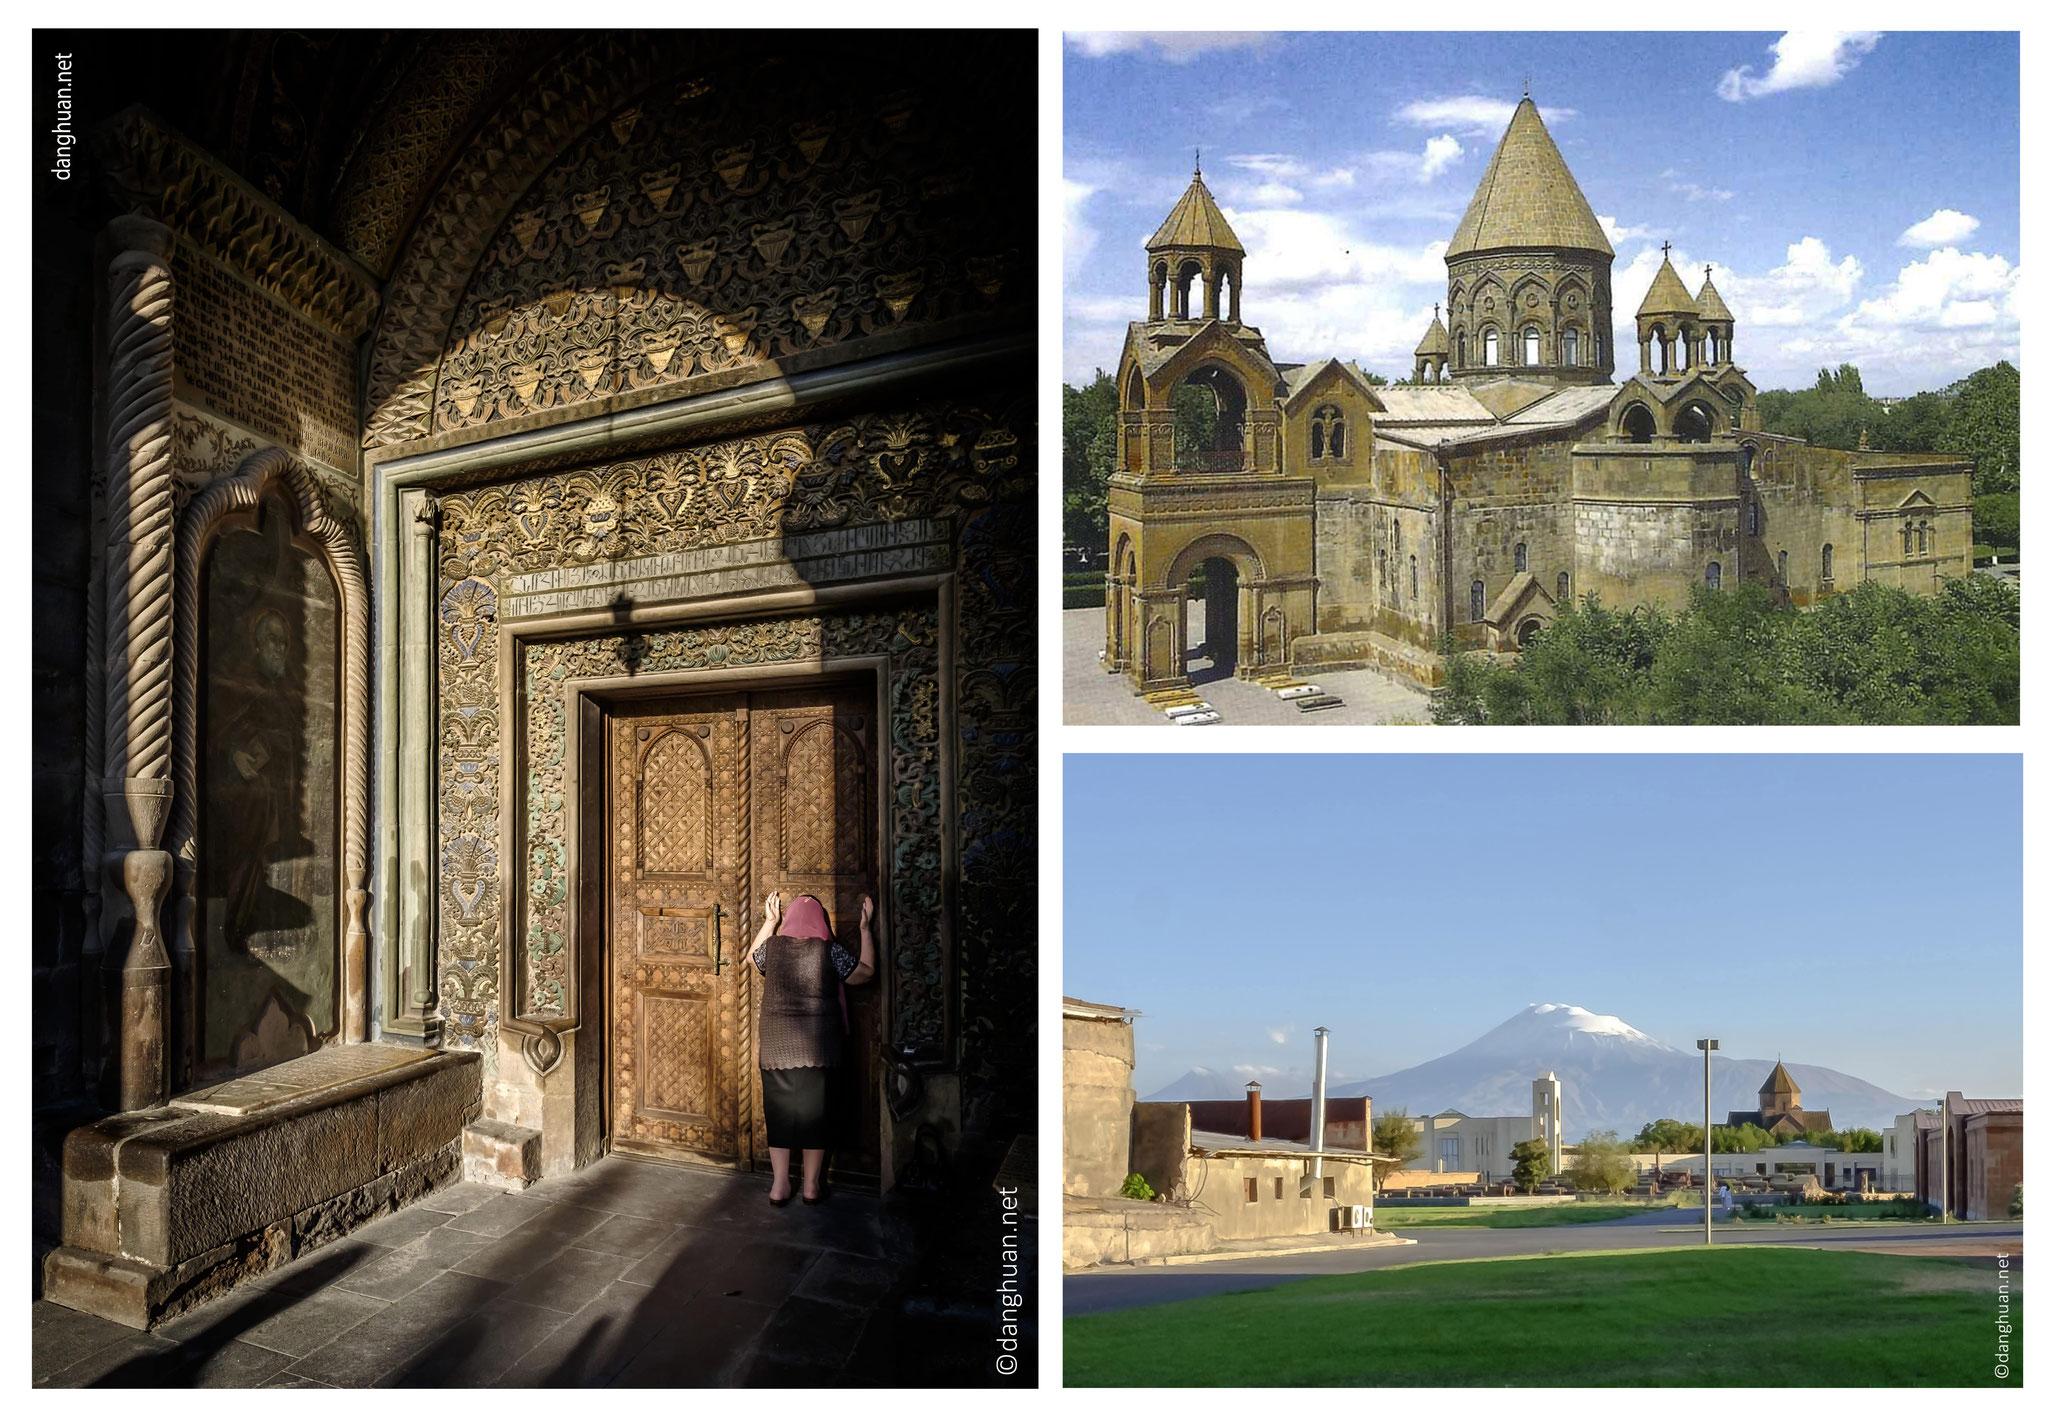 la cathédrale de Saint-Etchmiadzine, première cathédrale de l'Eglise arménienne ...